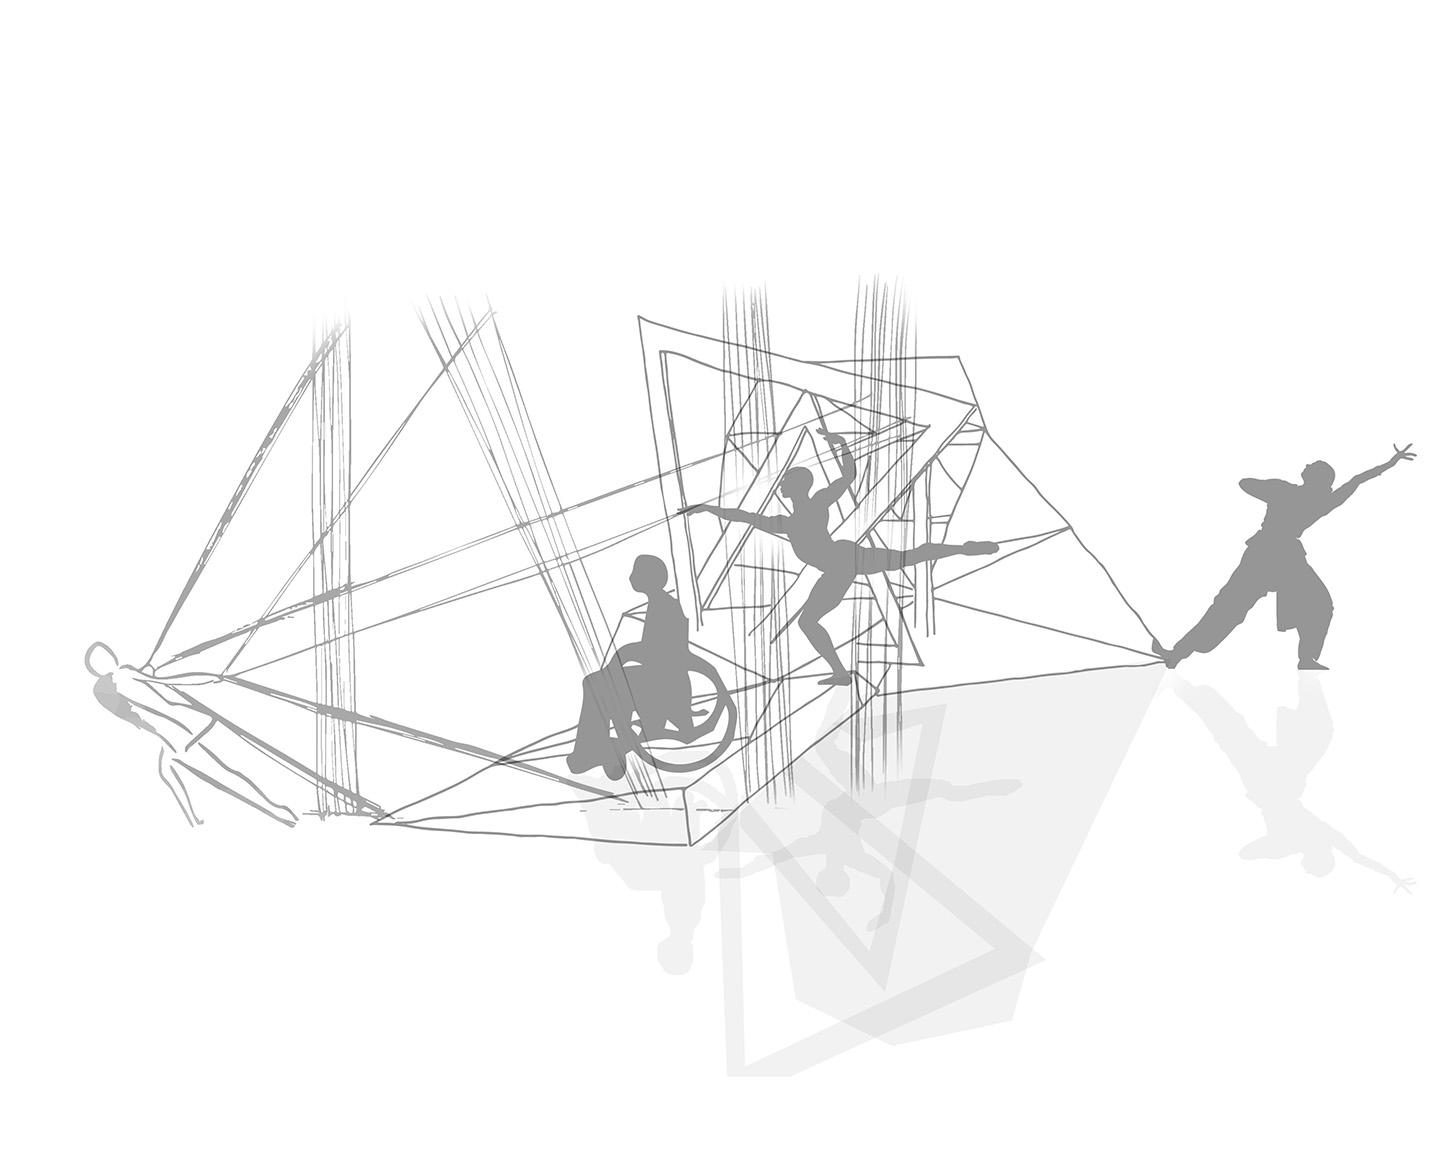 2. concept image for frame 51x41.jpg